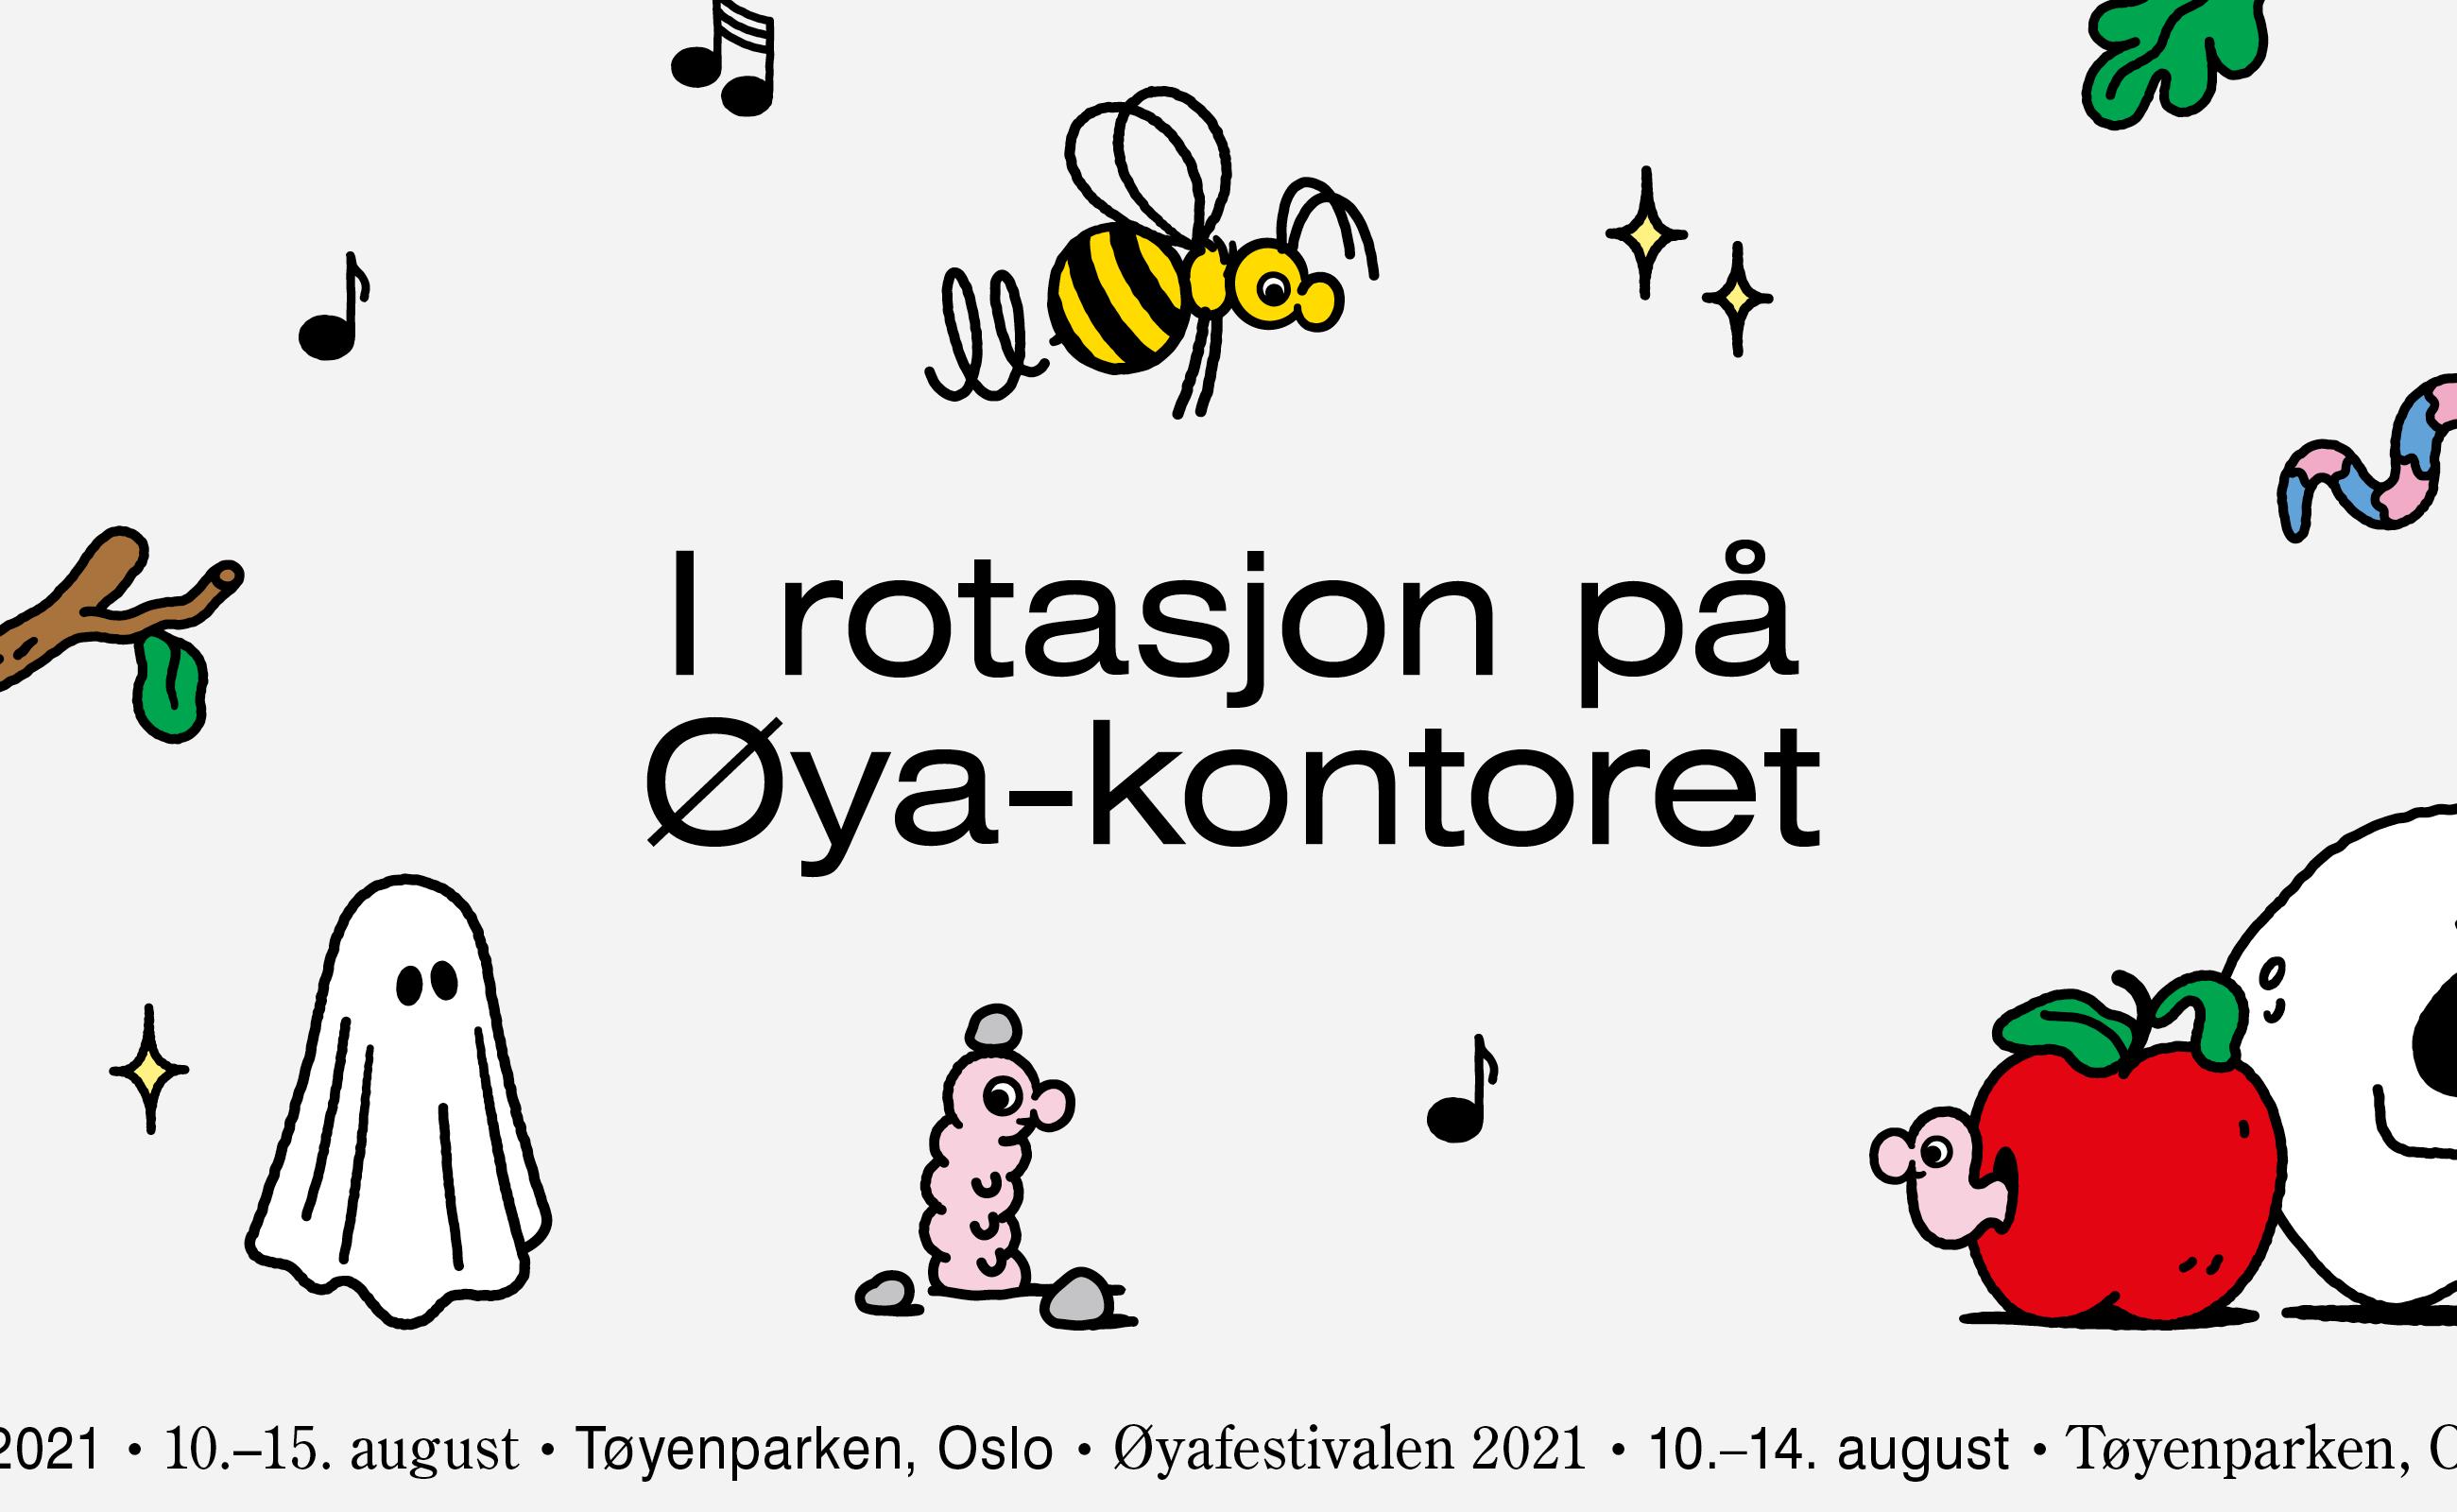 Oya2021_rotasjon_bredde